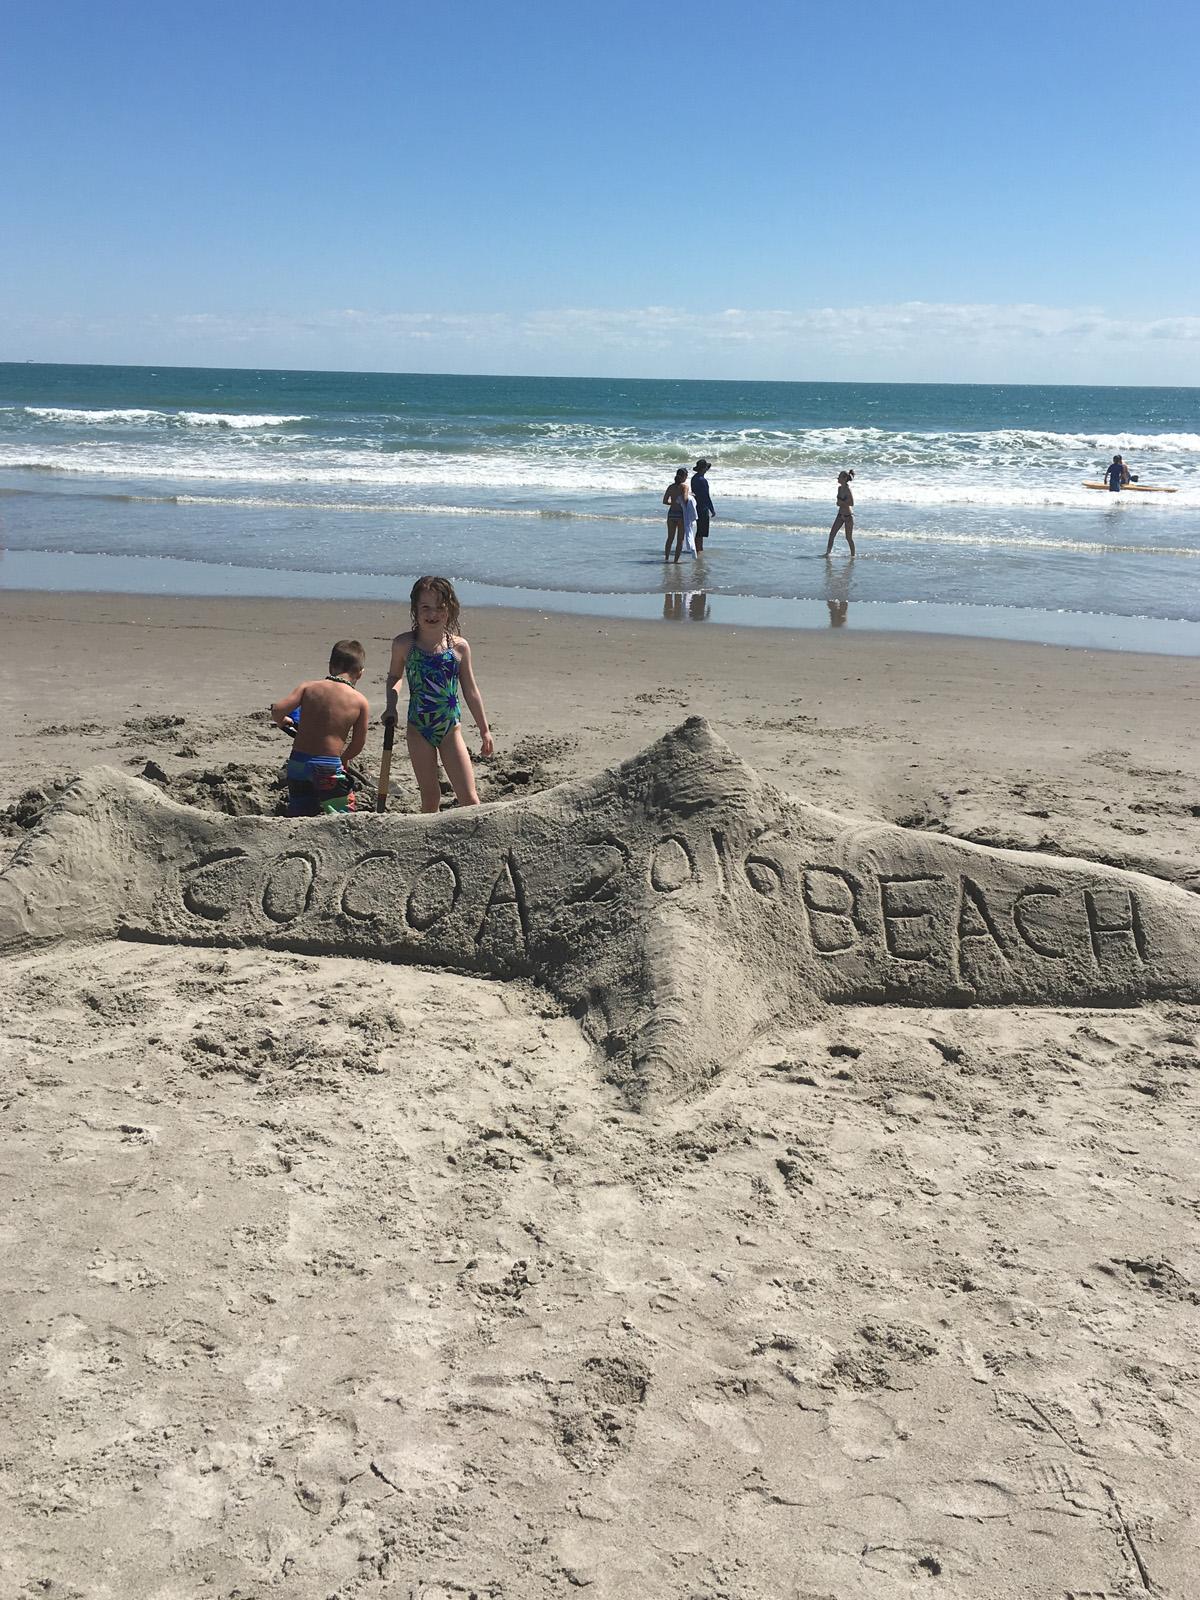 Labour. confirm. Cocoa beach florida spring break